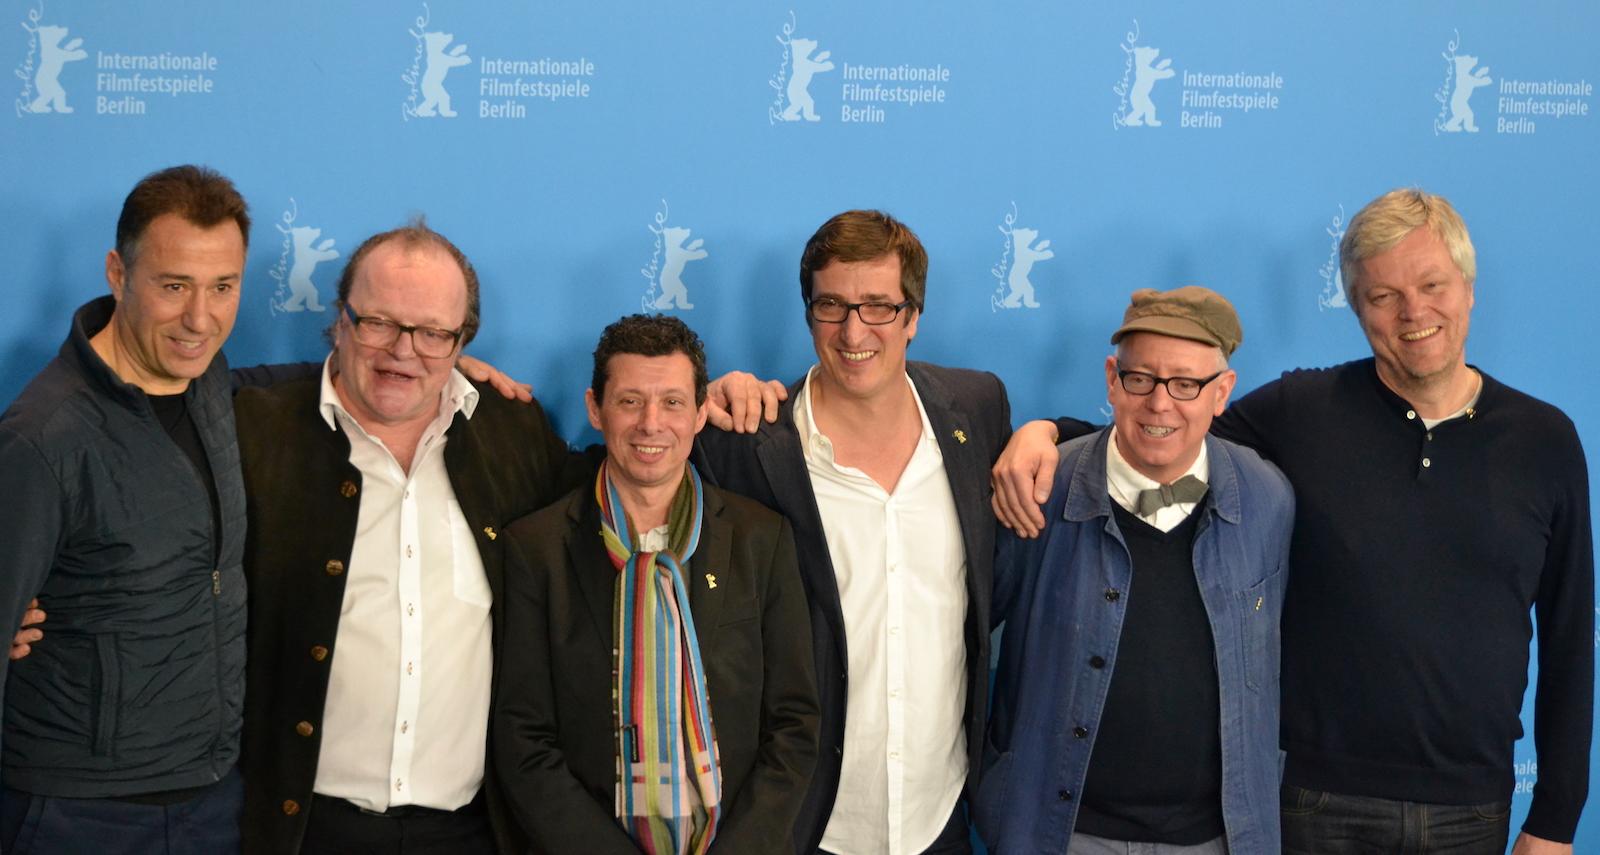 Berlino 2016: i produttori di Alone in Berlin al photocall